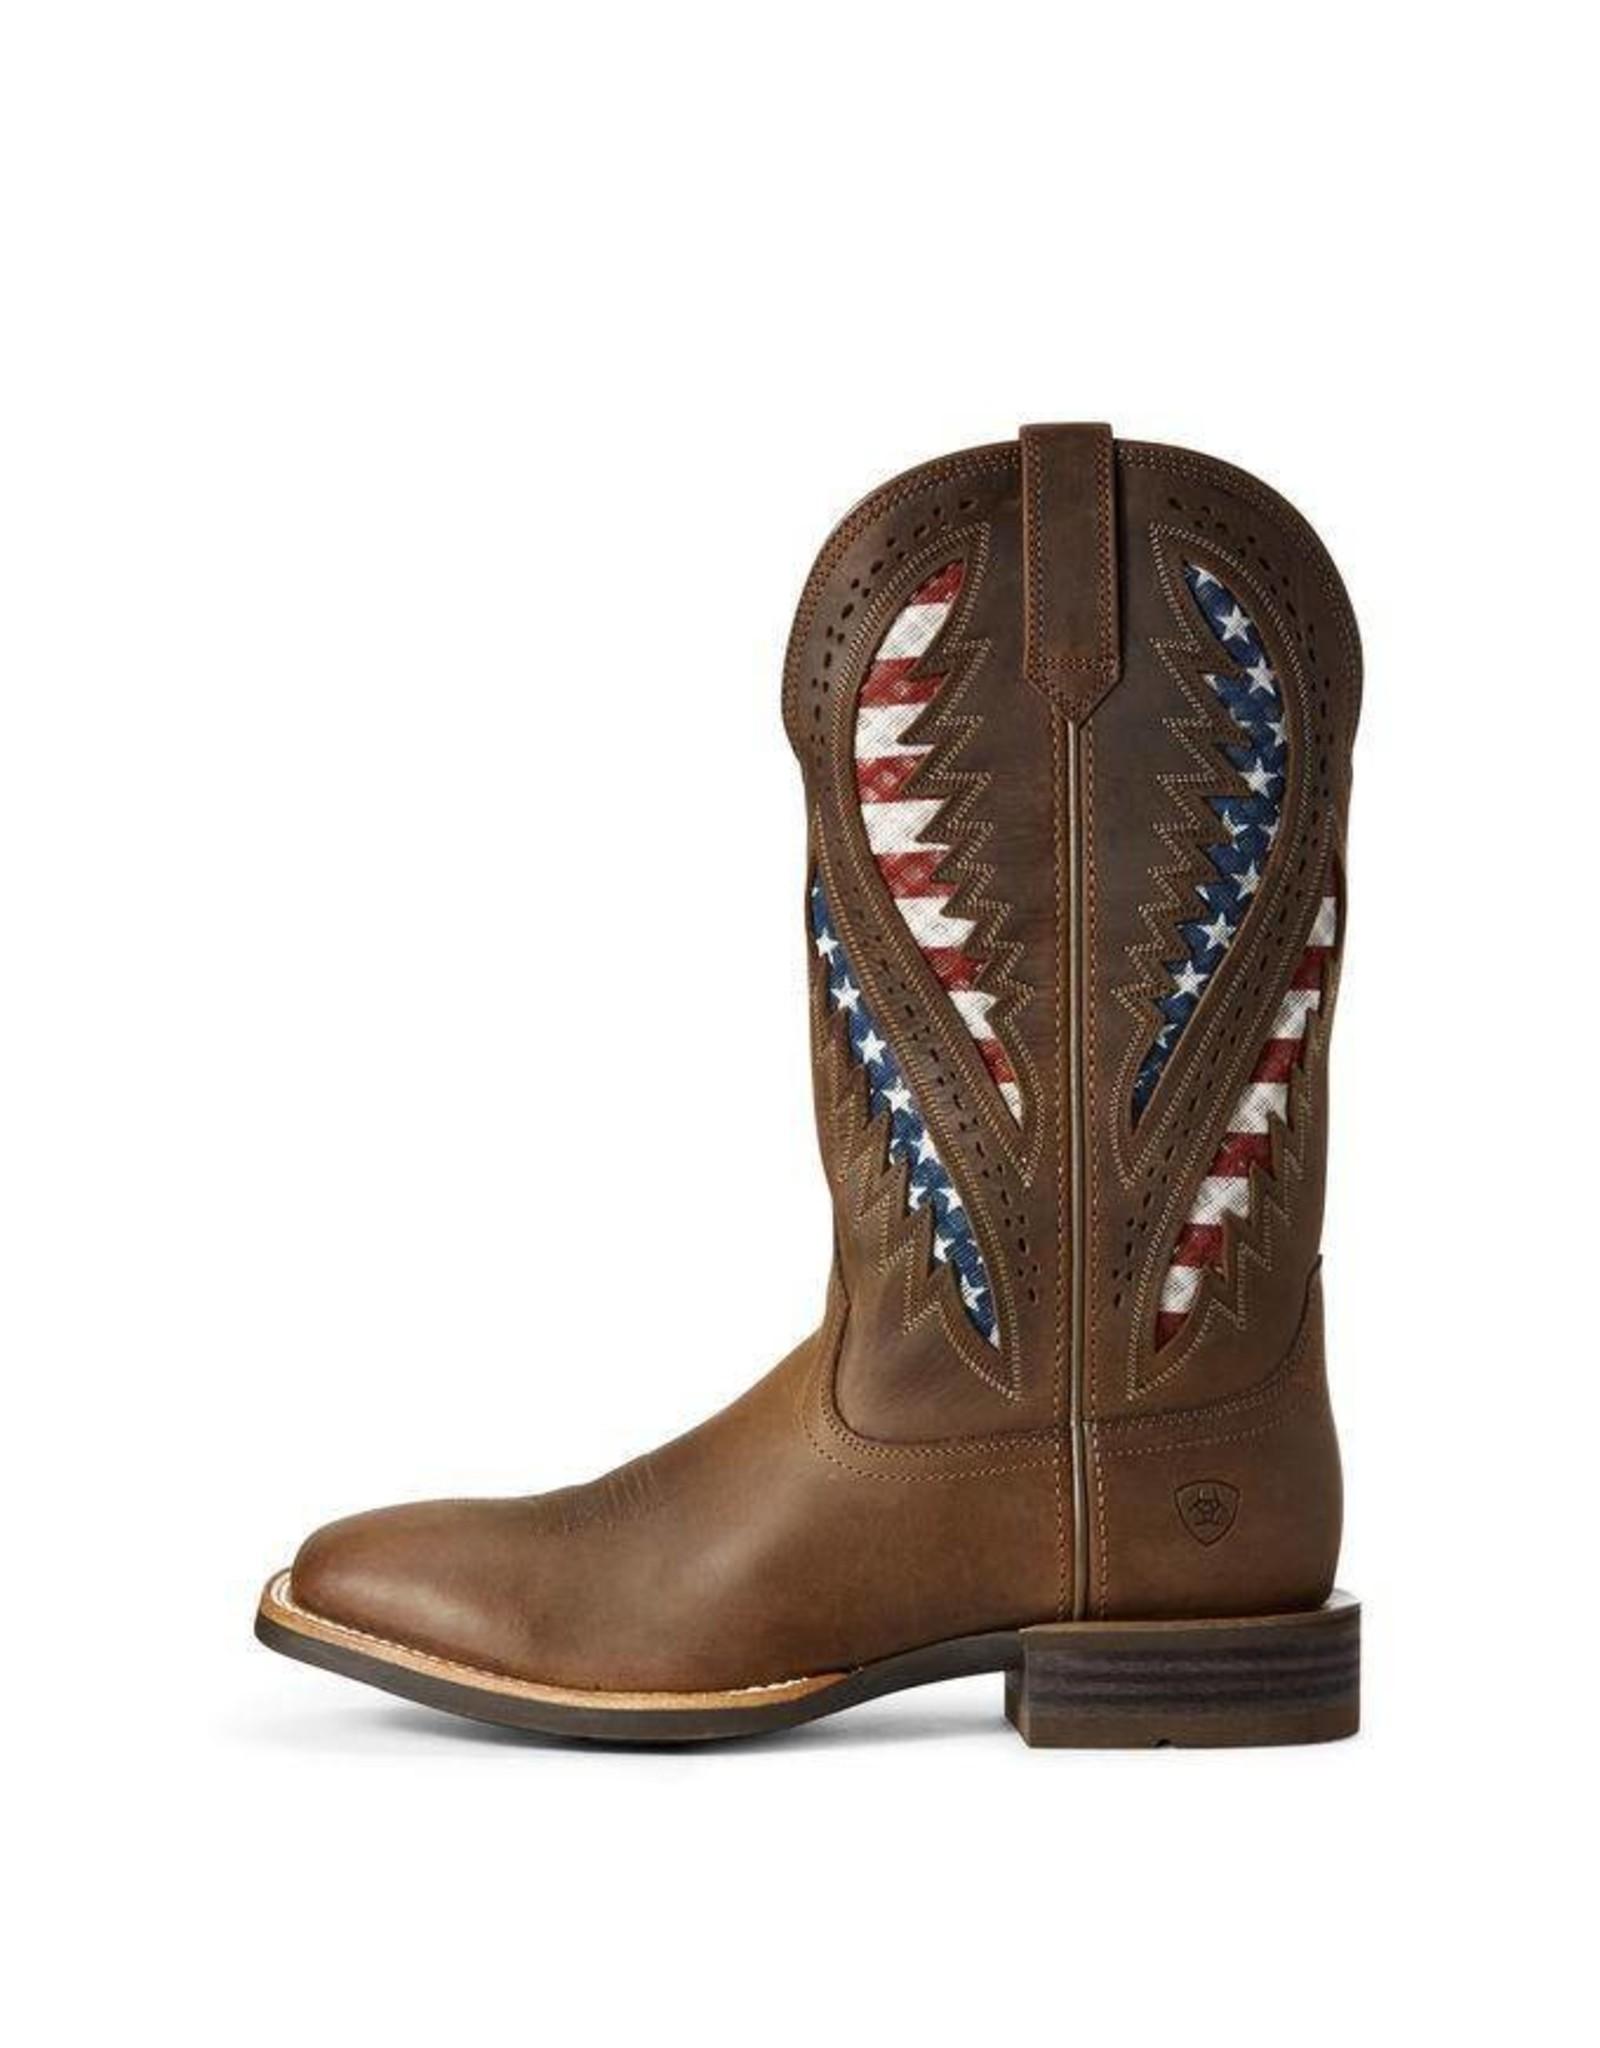 Boots-Men Ariat 10027165 Quickdraw VentTEK Brown